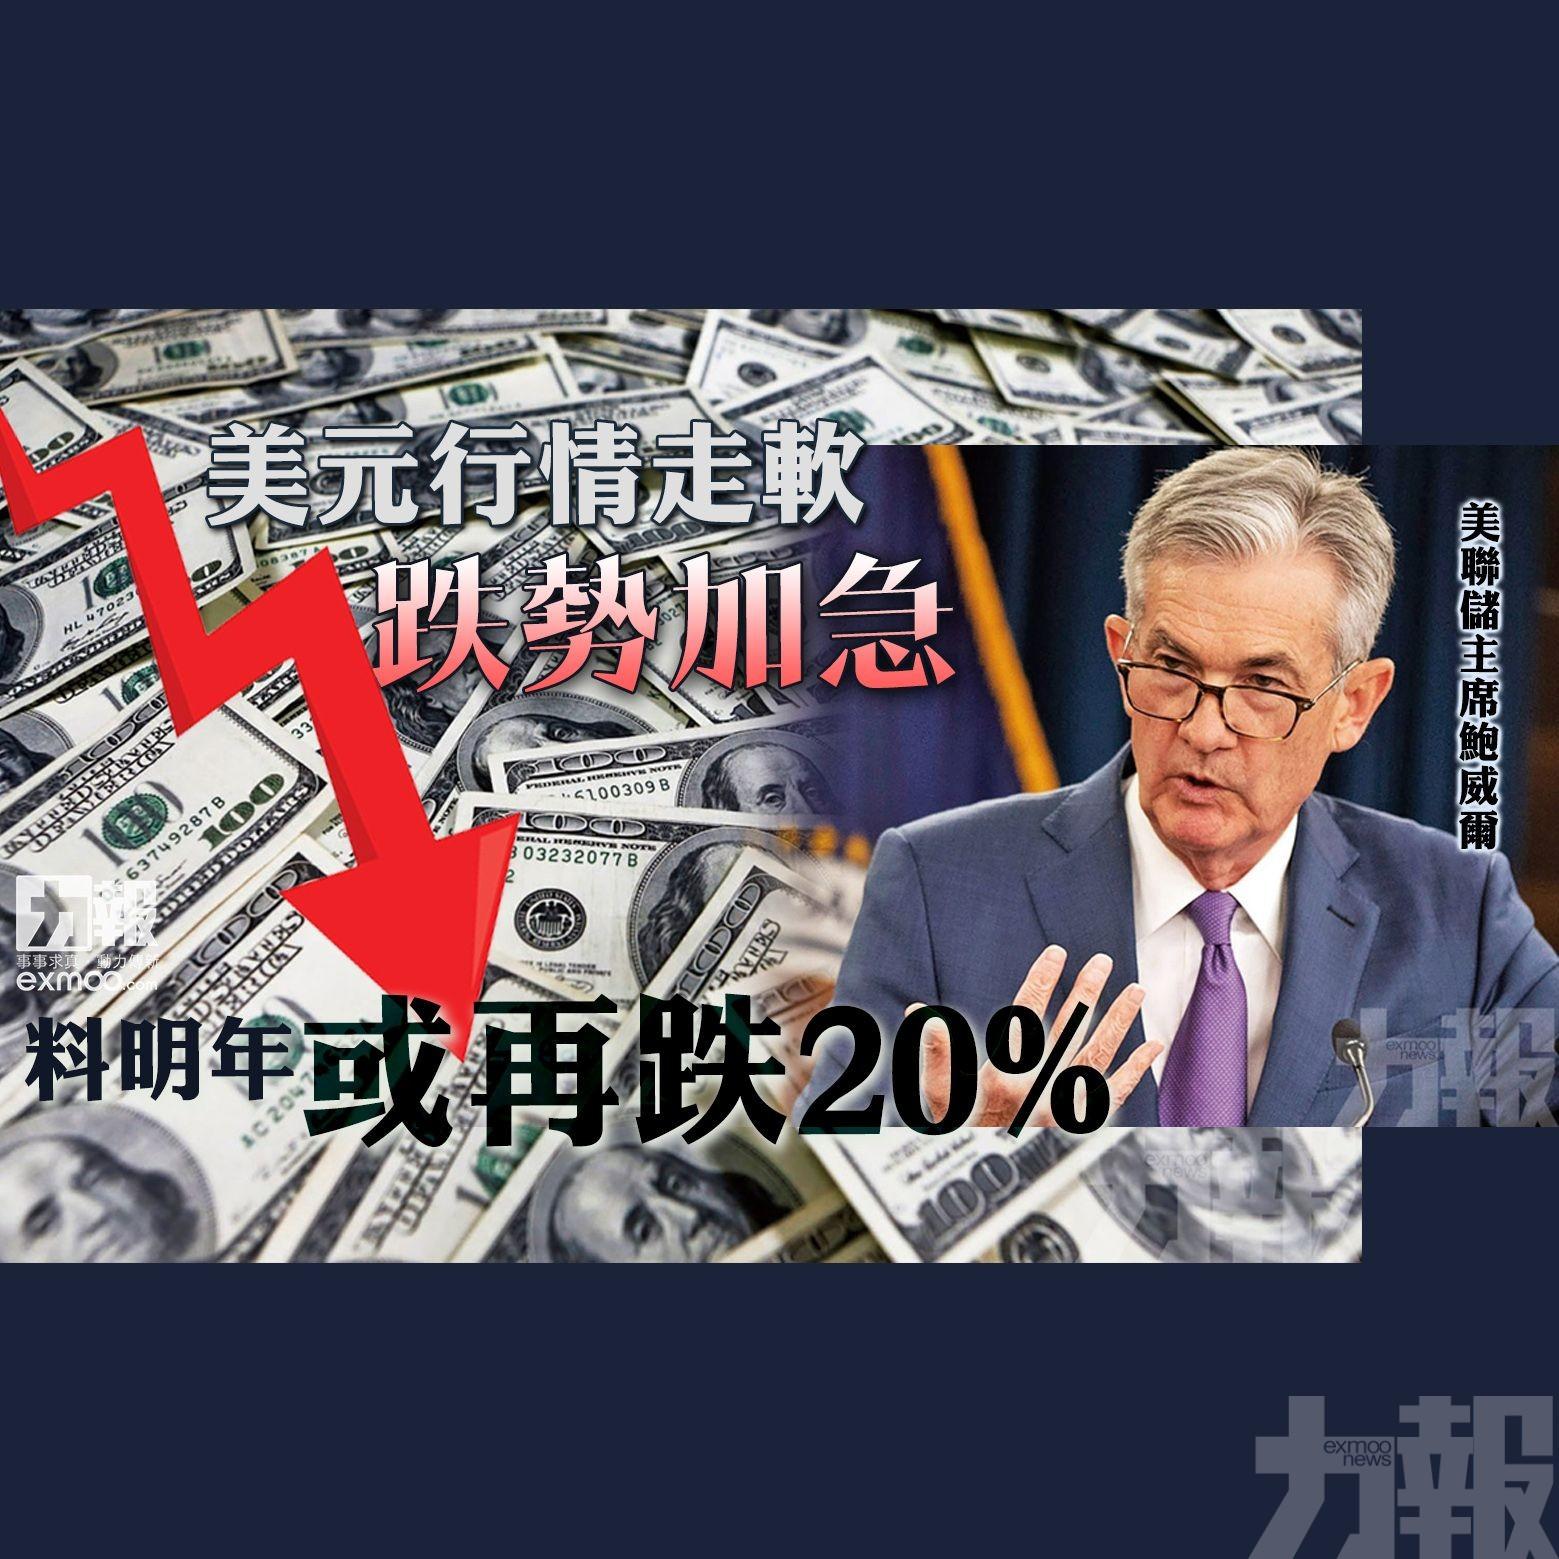 料明年或再跌20%